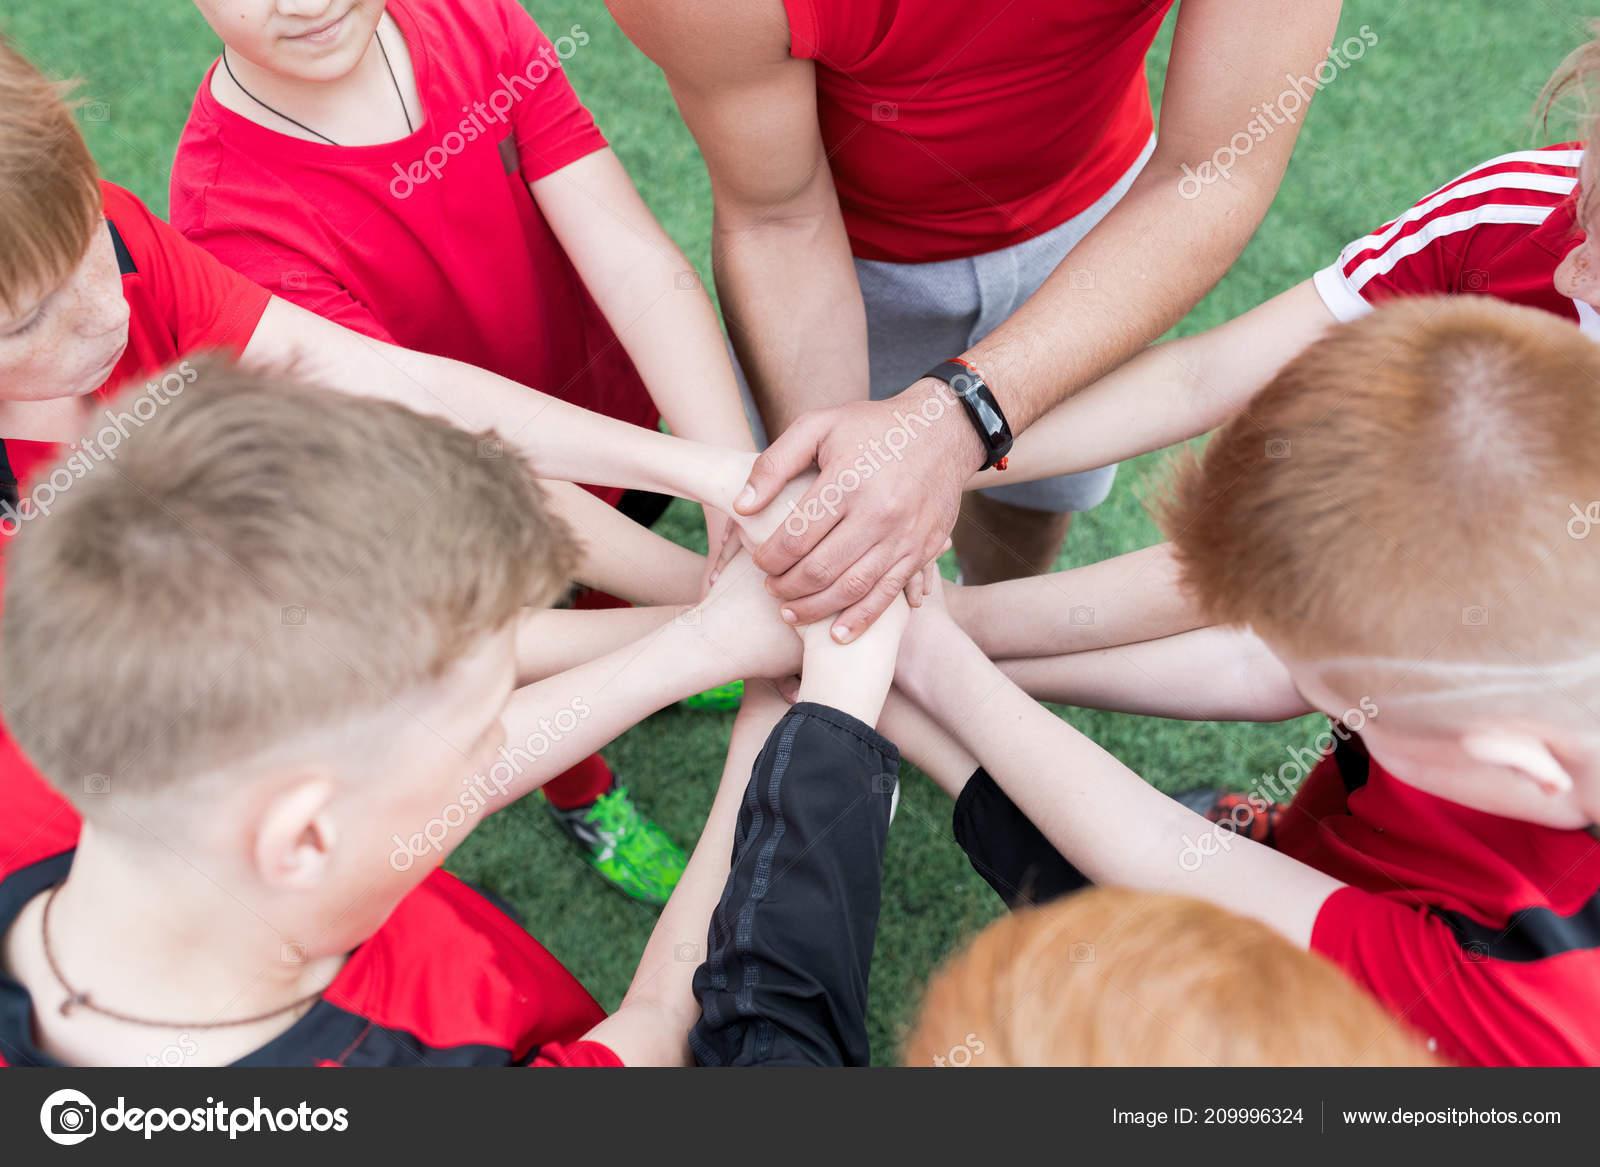 Alto ângulo Mãos Empilhamento Futebol Júnior Equipe Durante